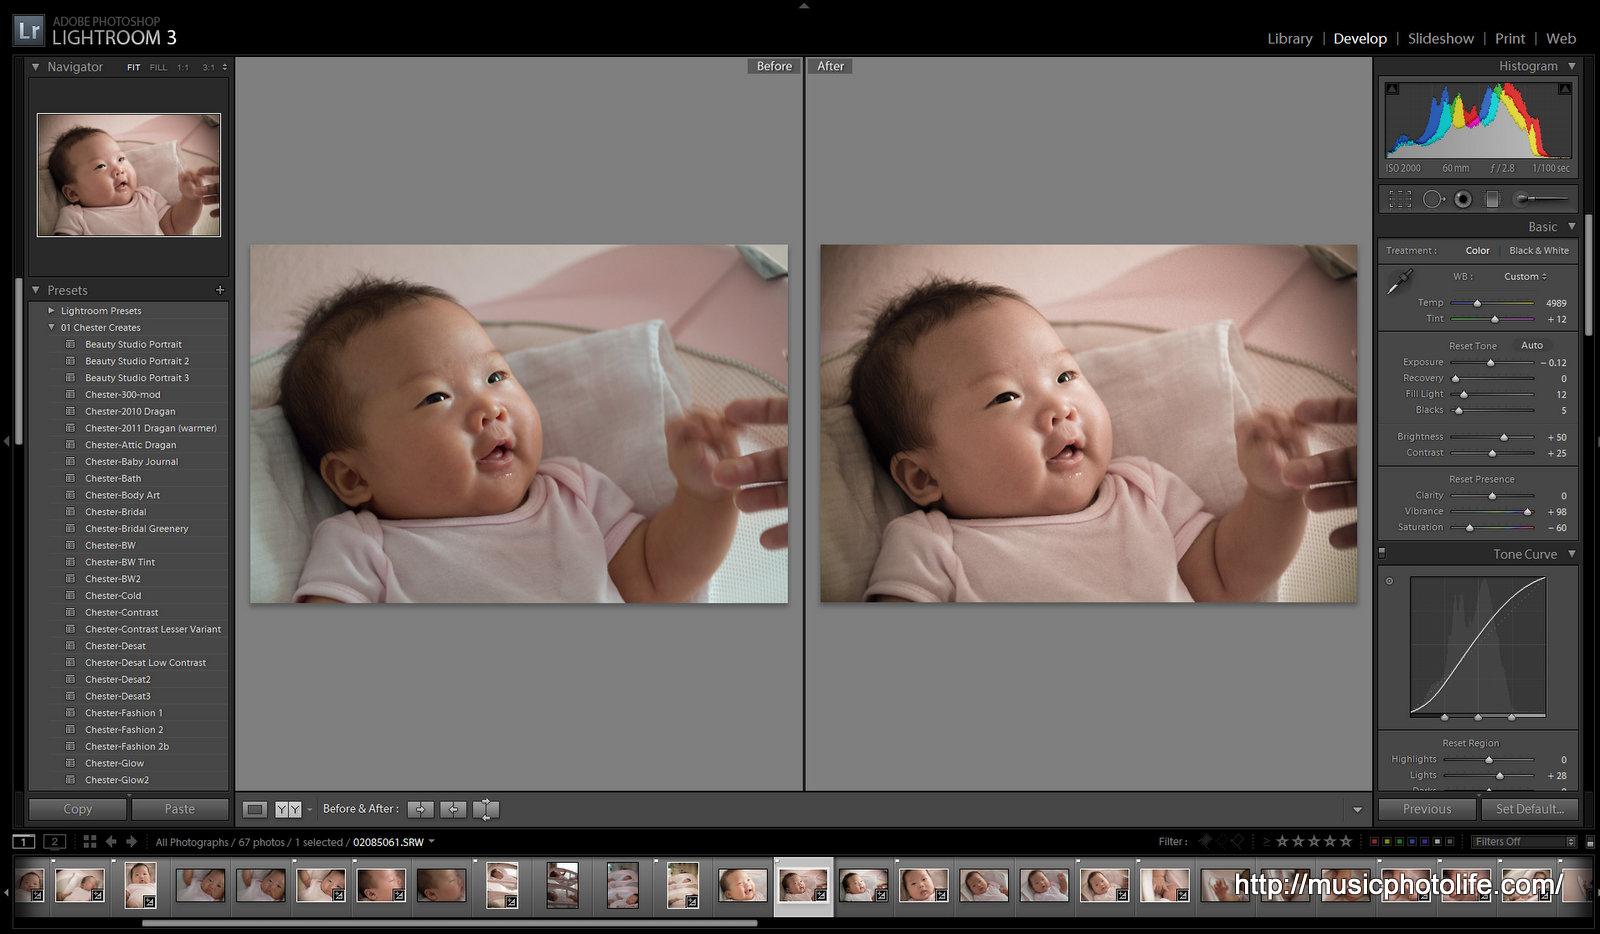 Как сделать скриншот экрана на компьютере или ноутбуке с 26